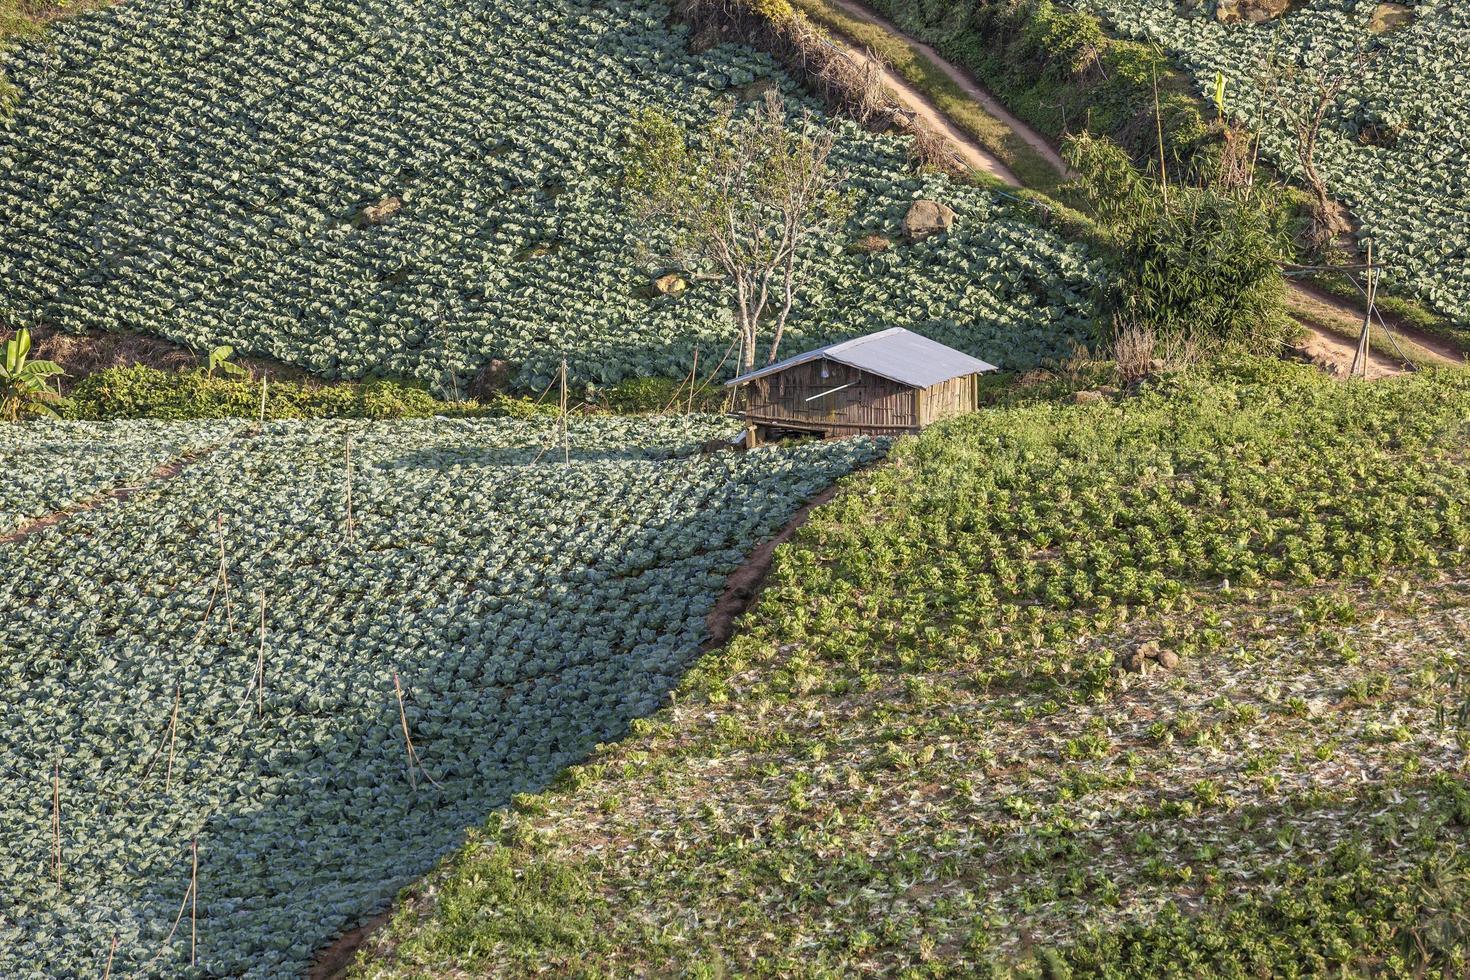 campo de plantación de coles en montaña foto